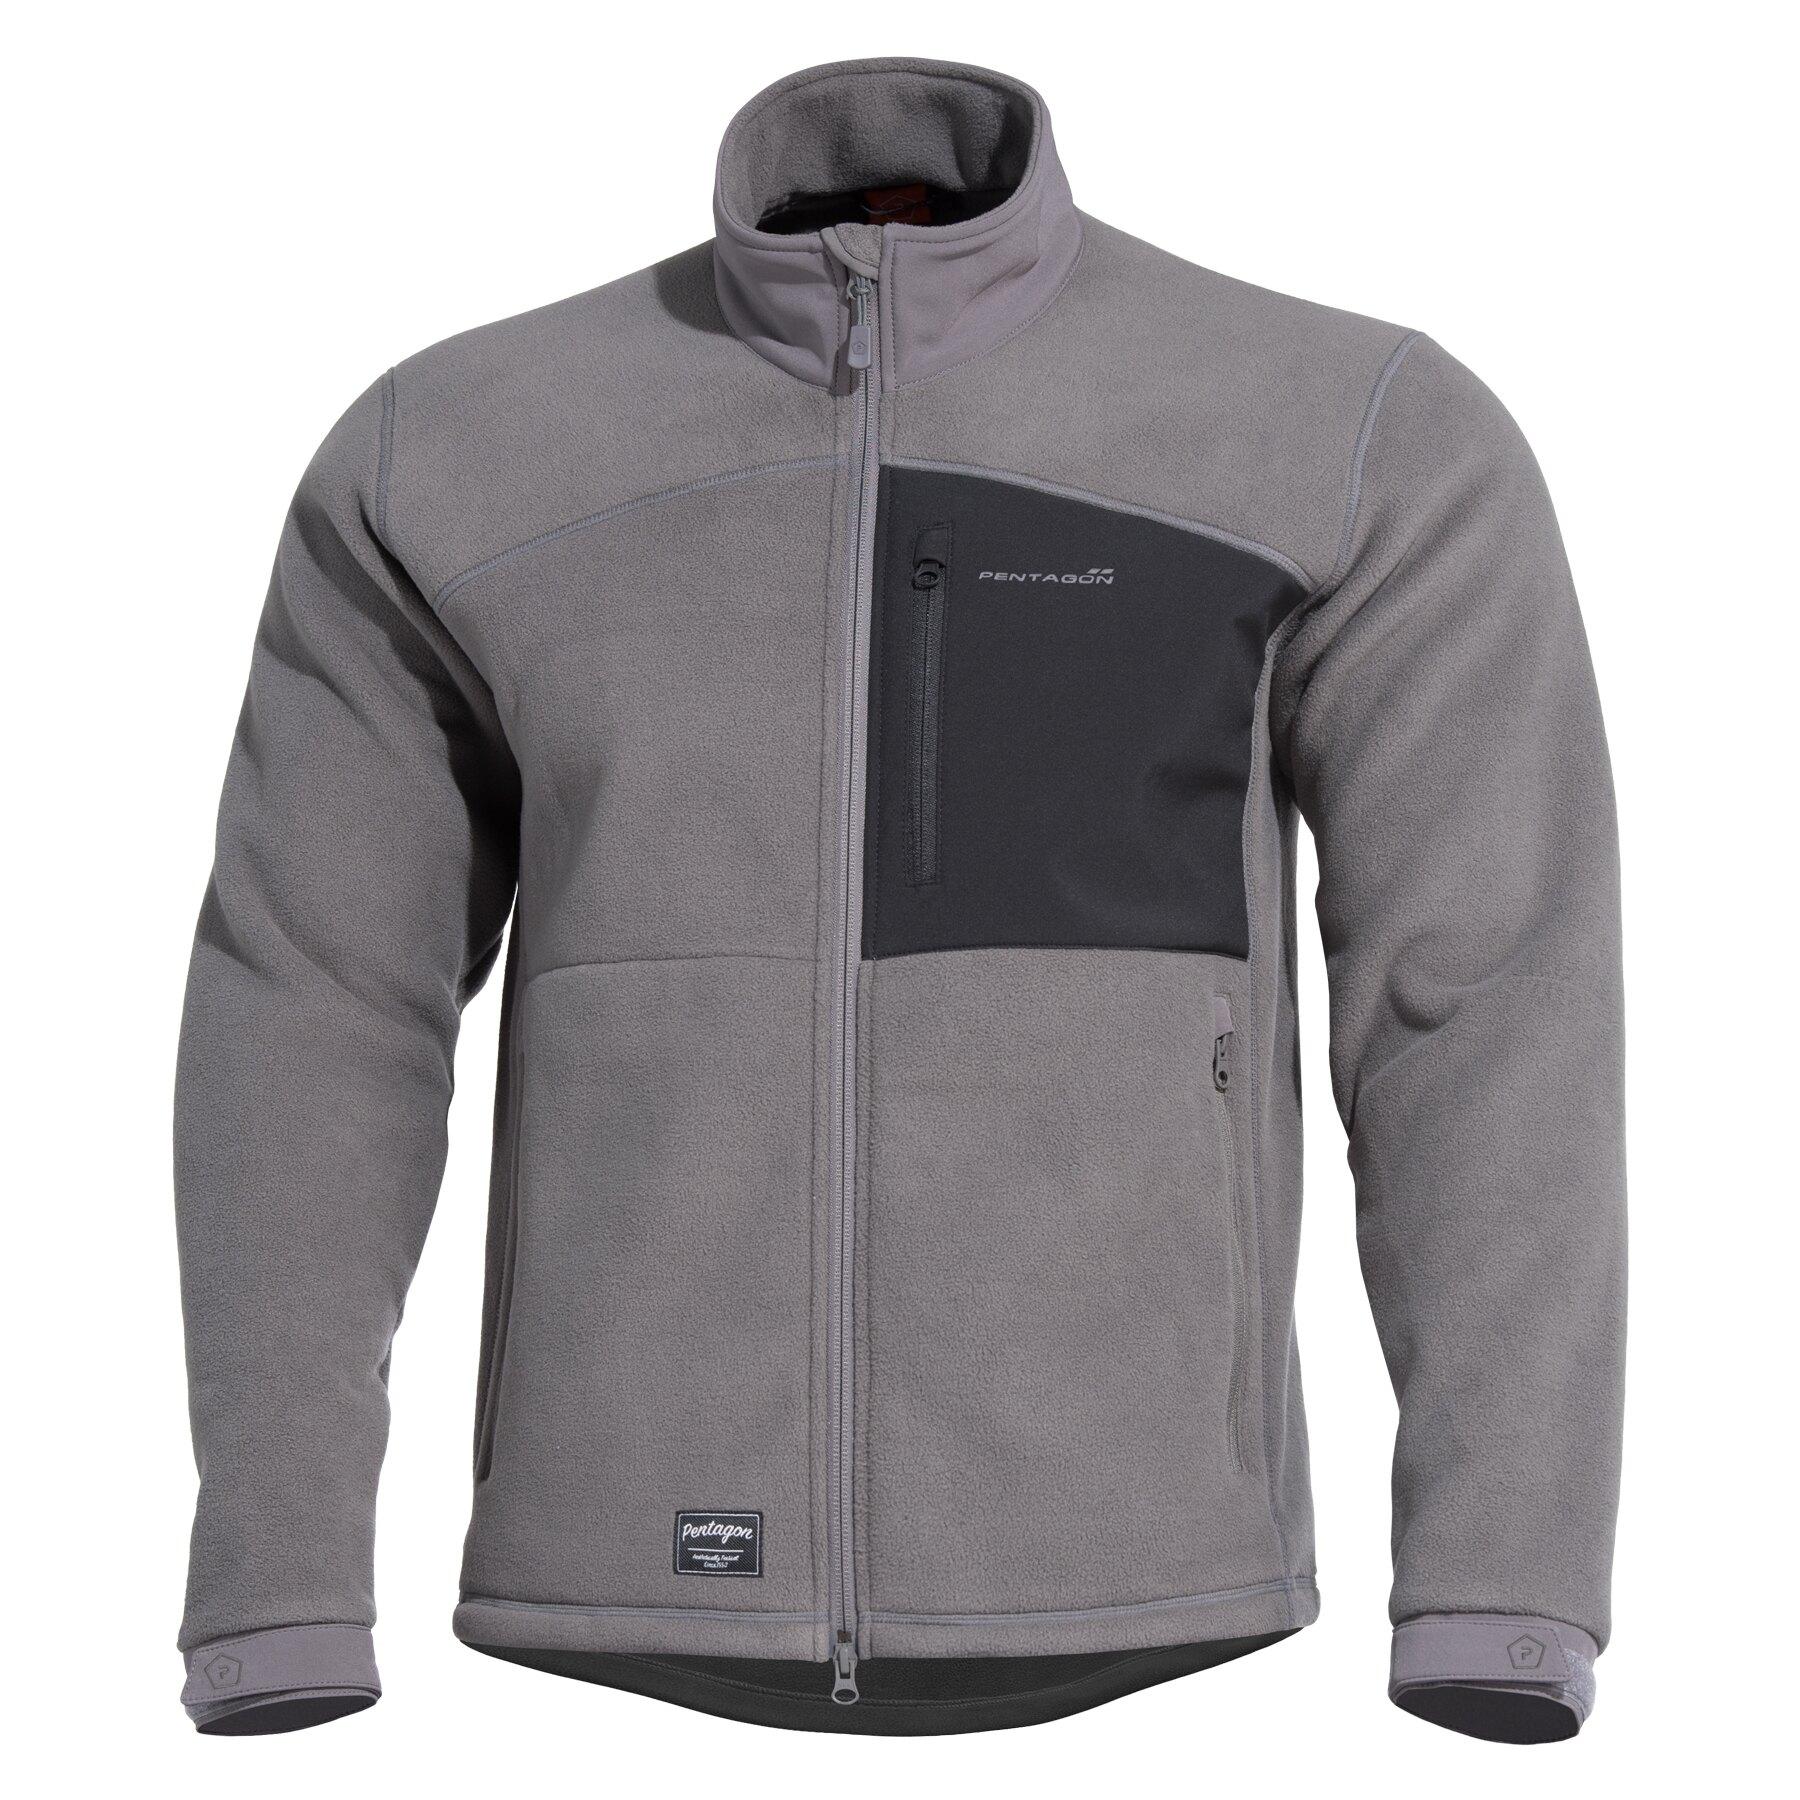 Fleecová mikina PENTAGON® Athos - Wolf Grey (Farba: Wolf Grey, Veľkosť: S)